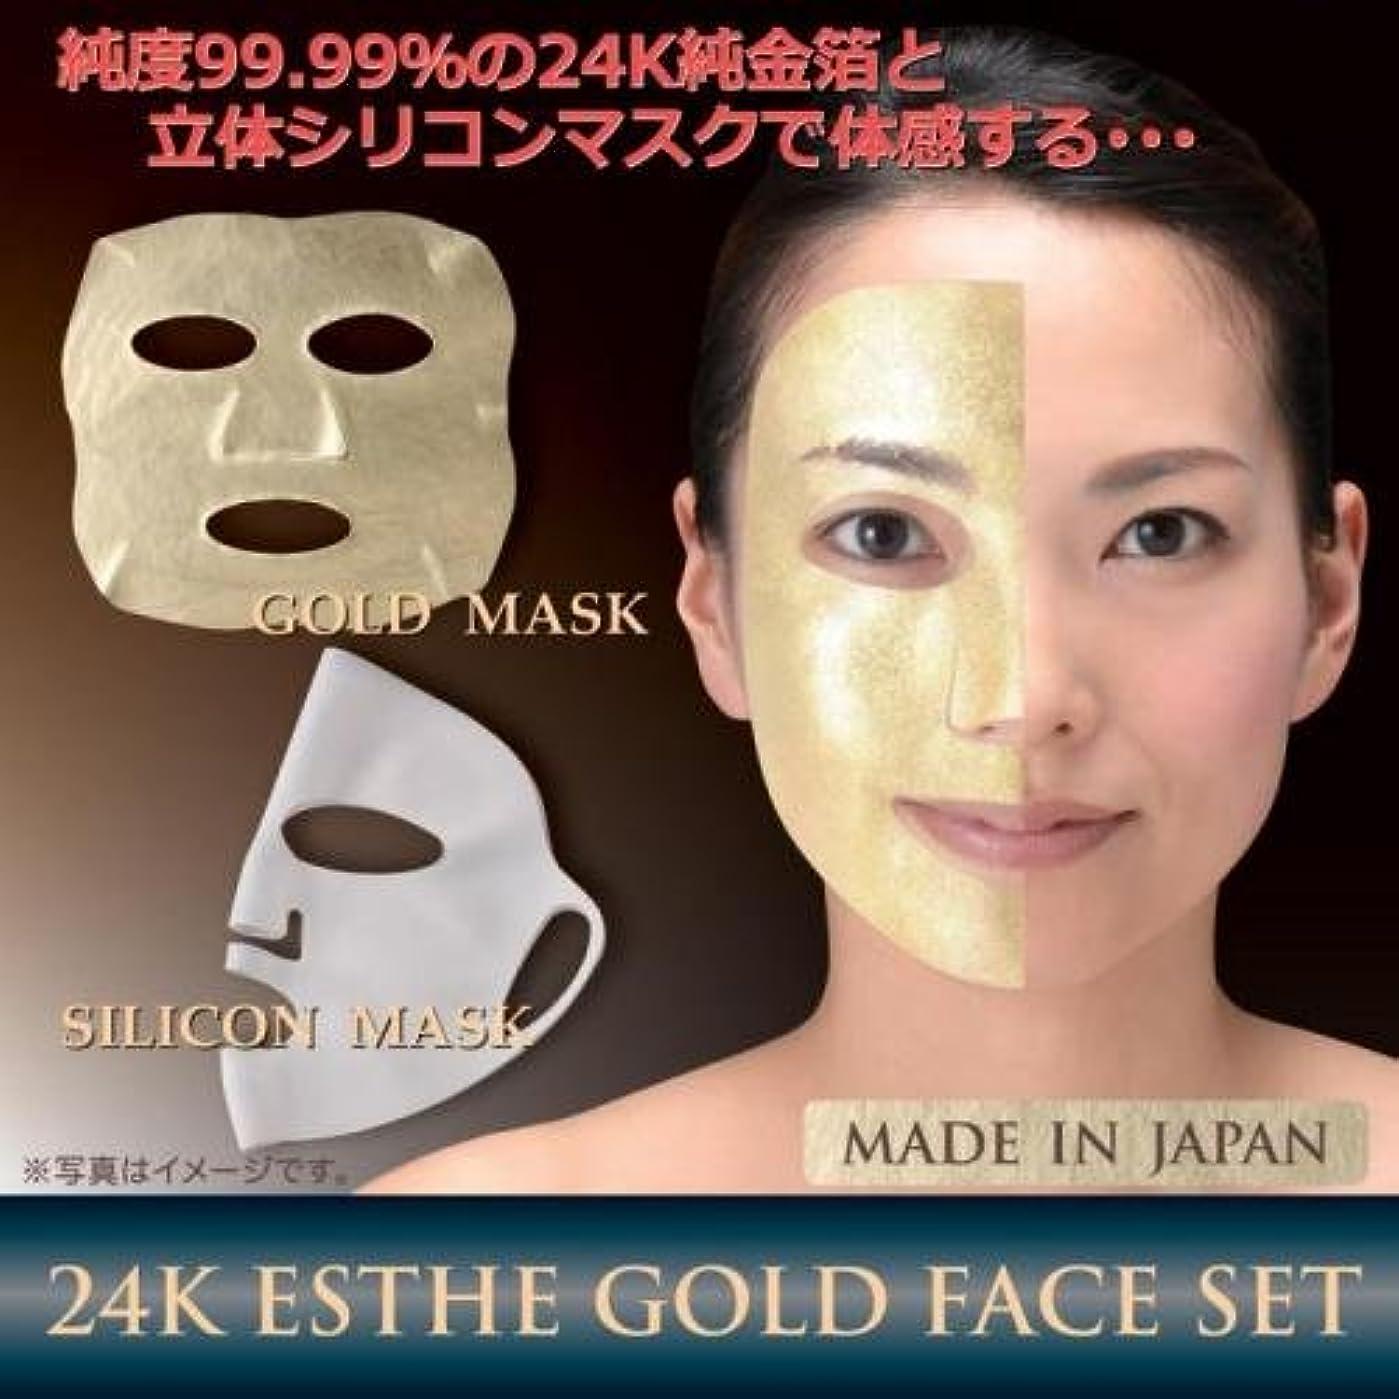 ラッシュ壁紙メイン後藤 24K エステゴールドフェイス セット 金箔マスク×1、シリコンマスク×1